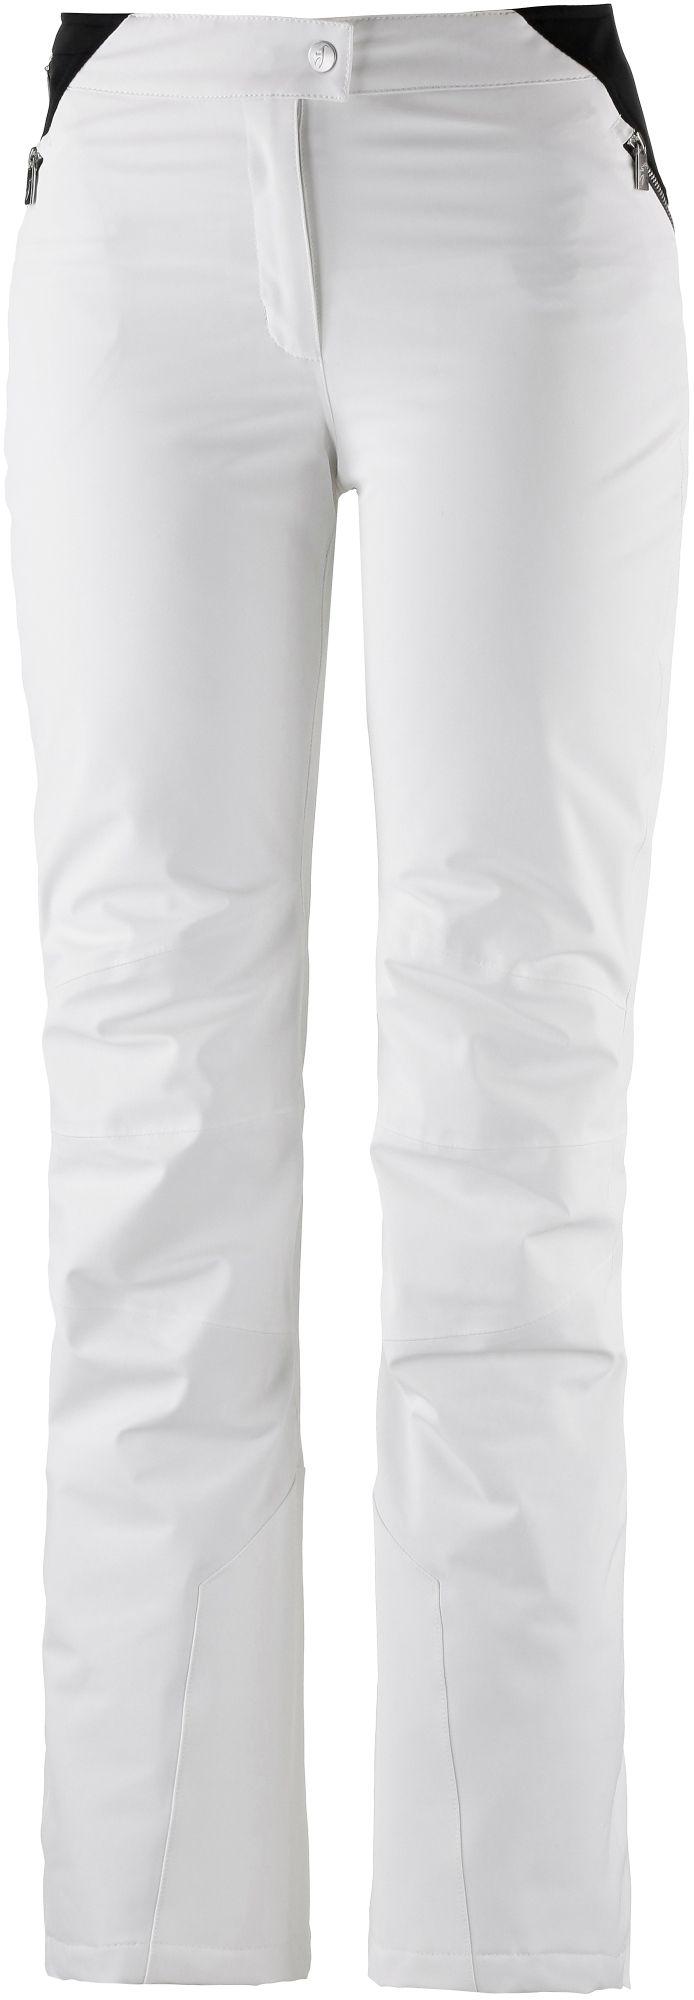 Martha Skihose Damen in weiß, Größe 38